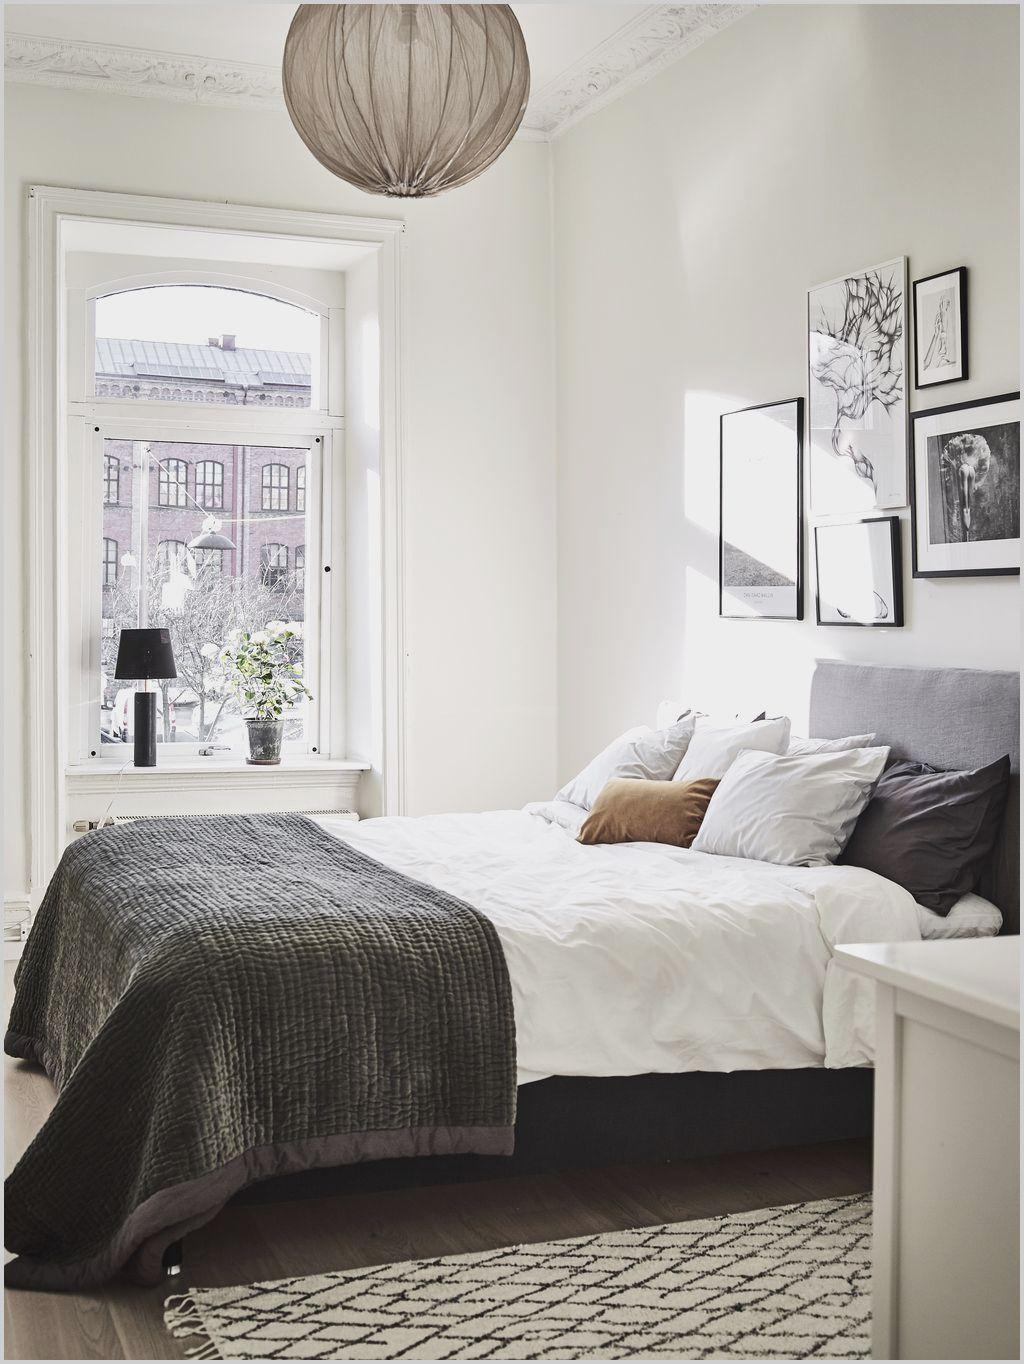 Swedish Style Bedroom Ideas In 2020 Scandinavian Design Bedroom Scandinavian Bedroom Decor Bedroom Interior